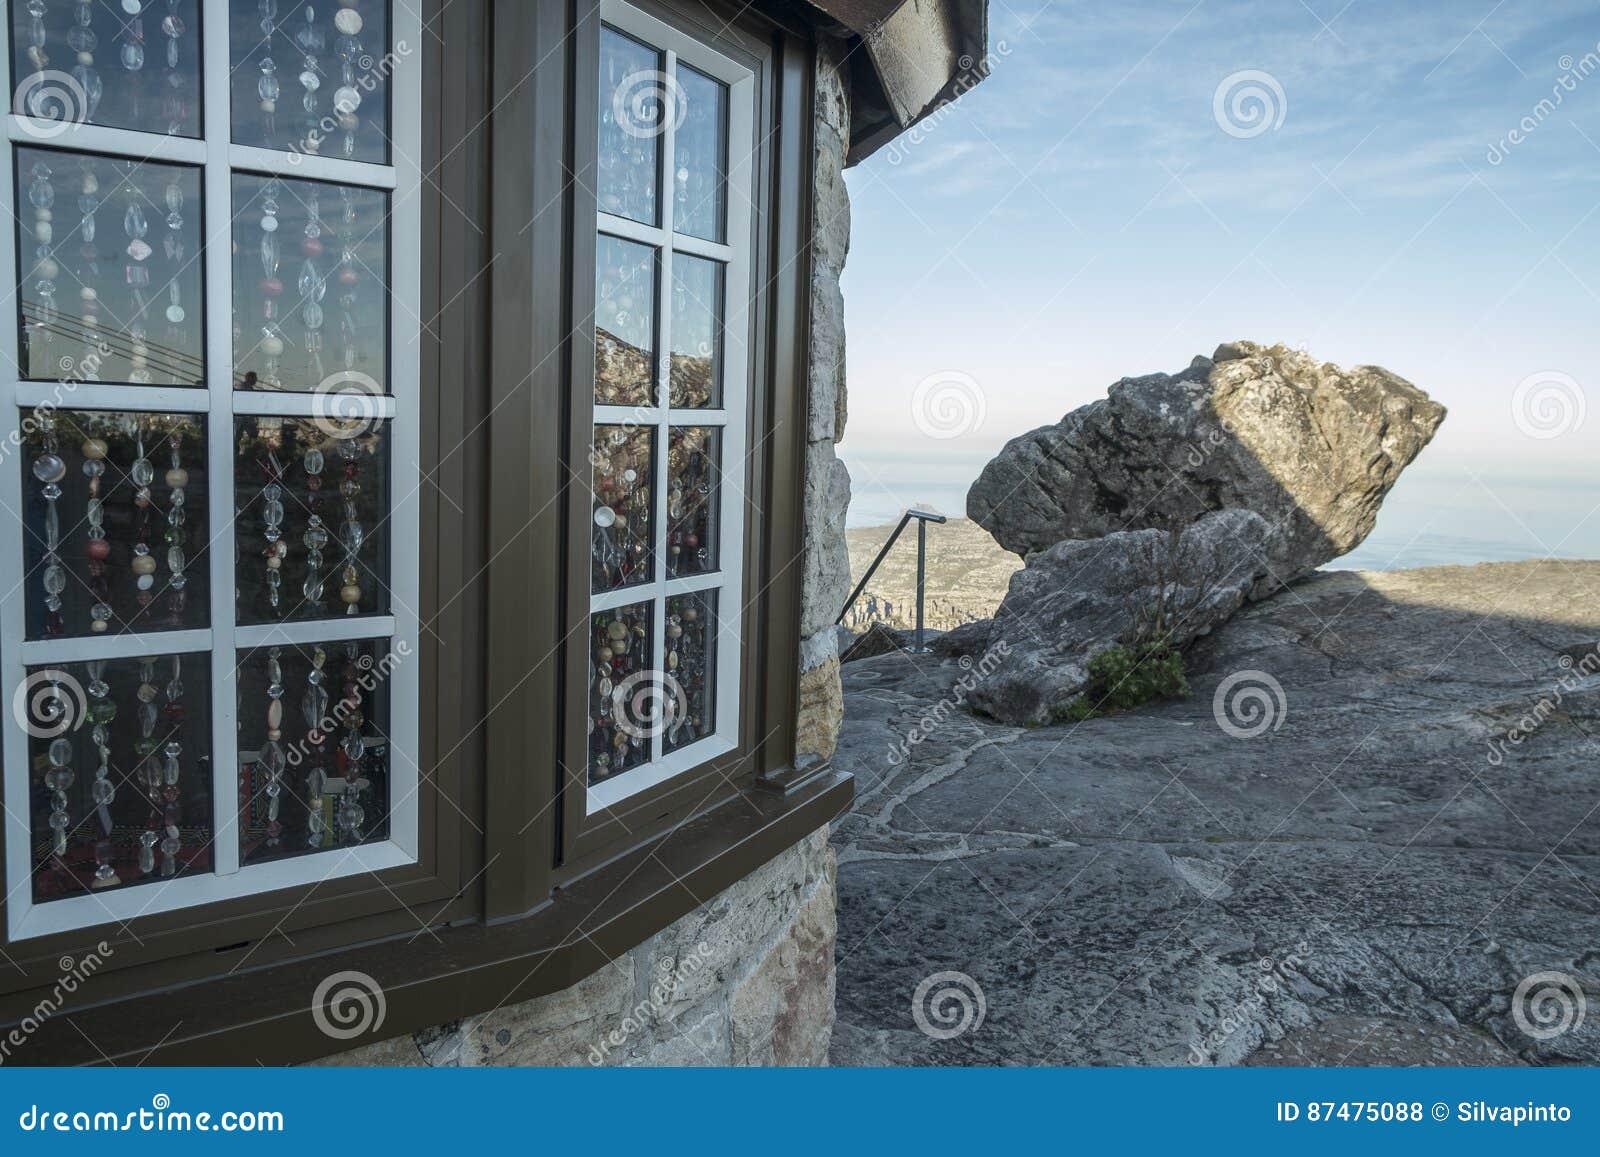 Case Di Montagna In Pietra : Case di montagna u mountain house u design u